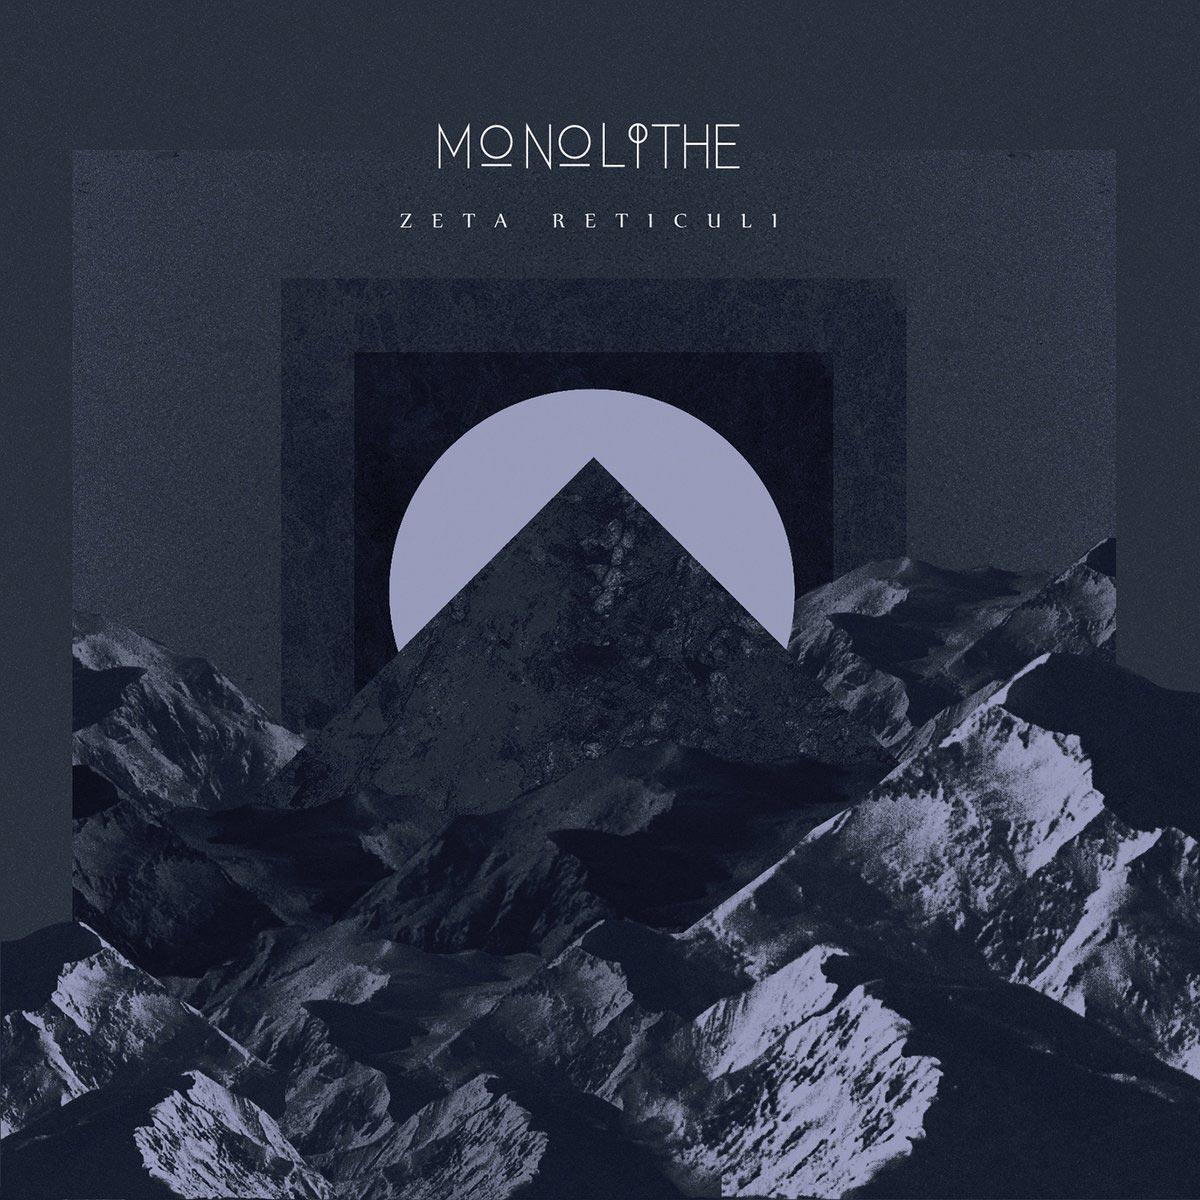 Monolithe - Zeta Reticuli